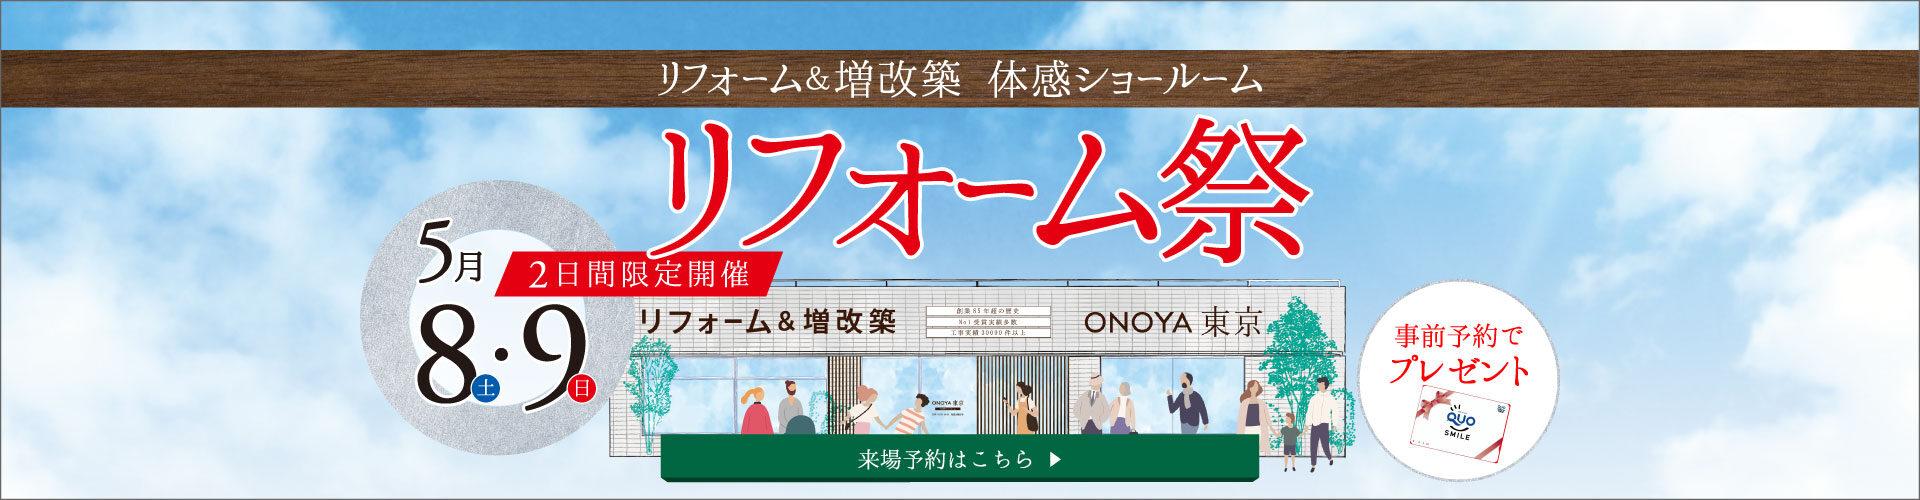 ONOYA東京 リフォーム祭